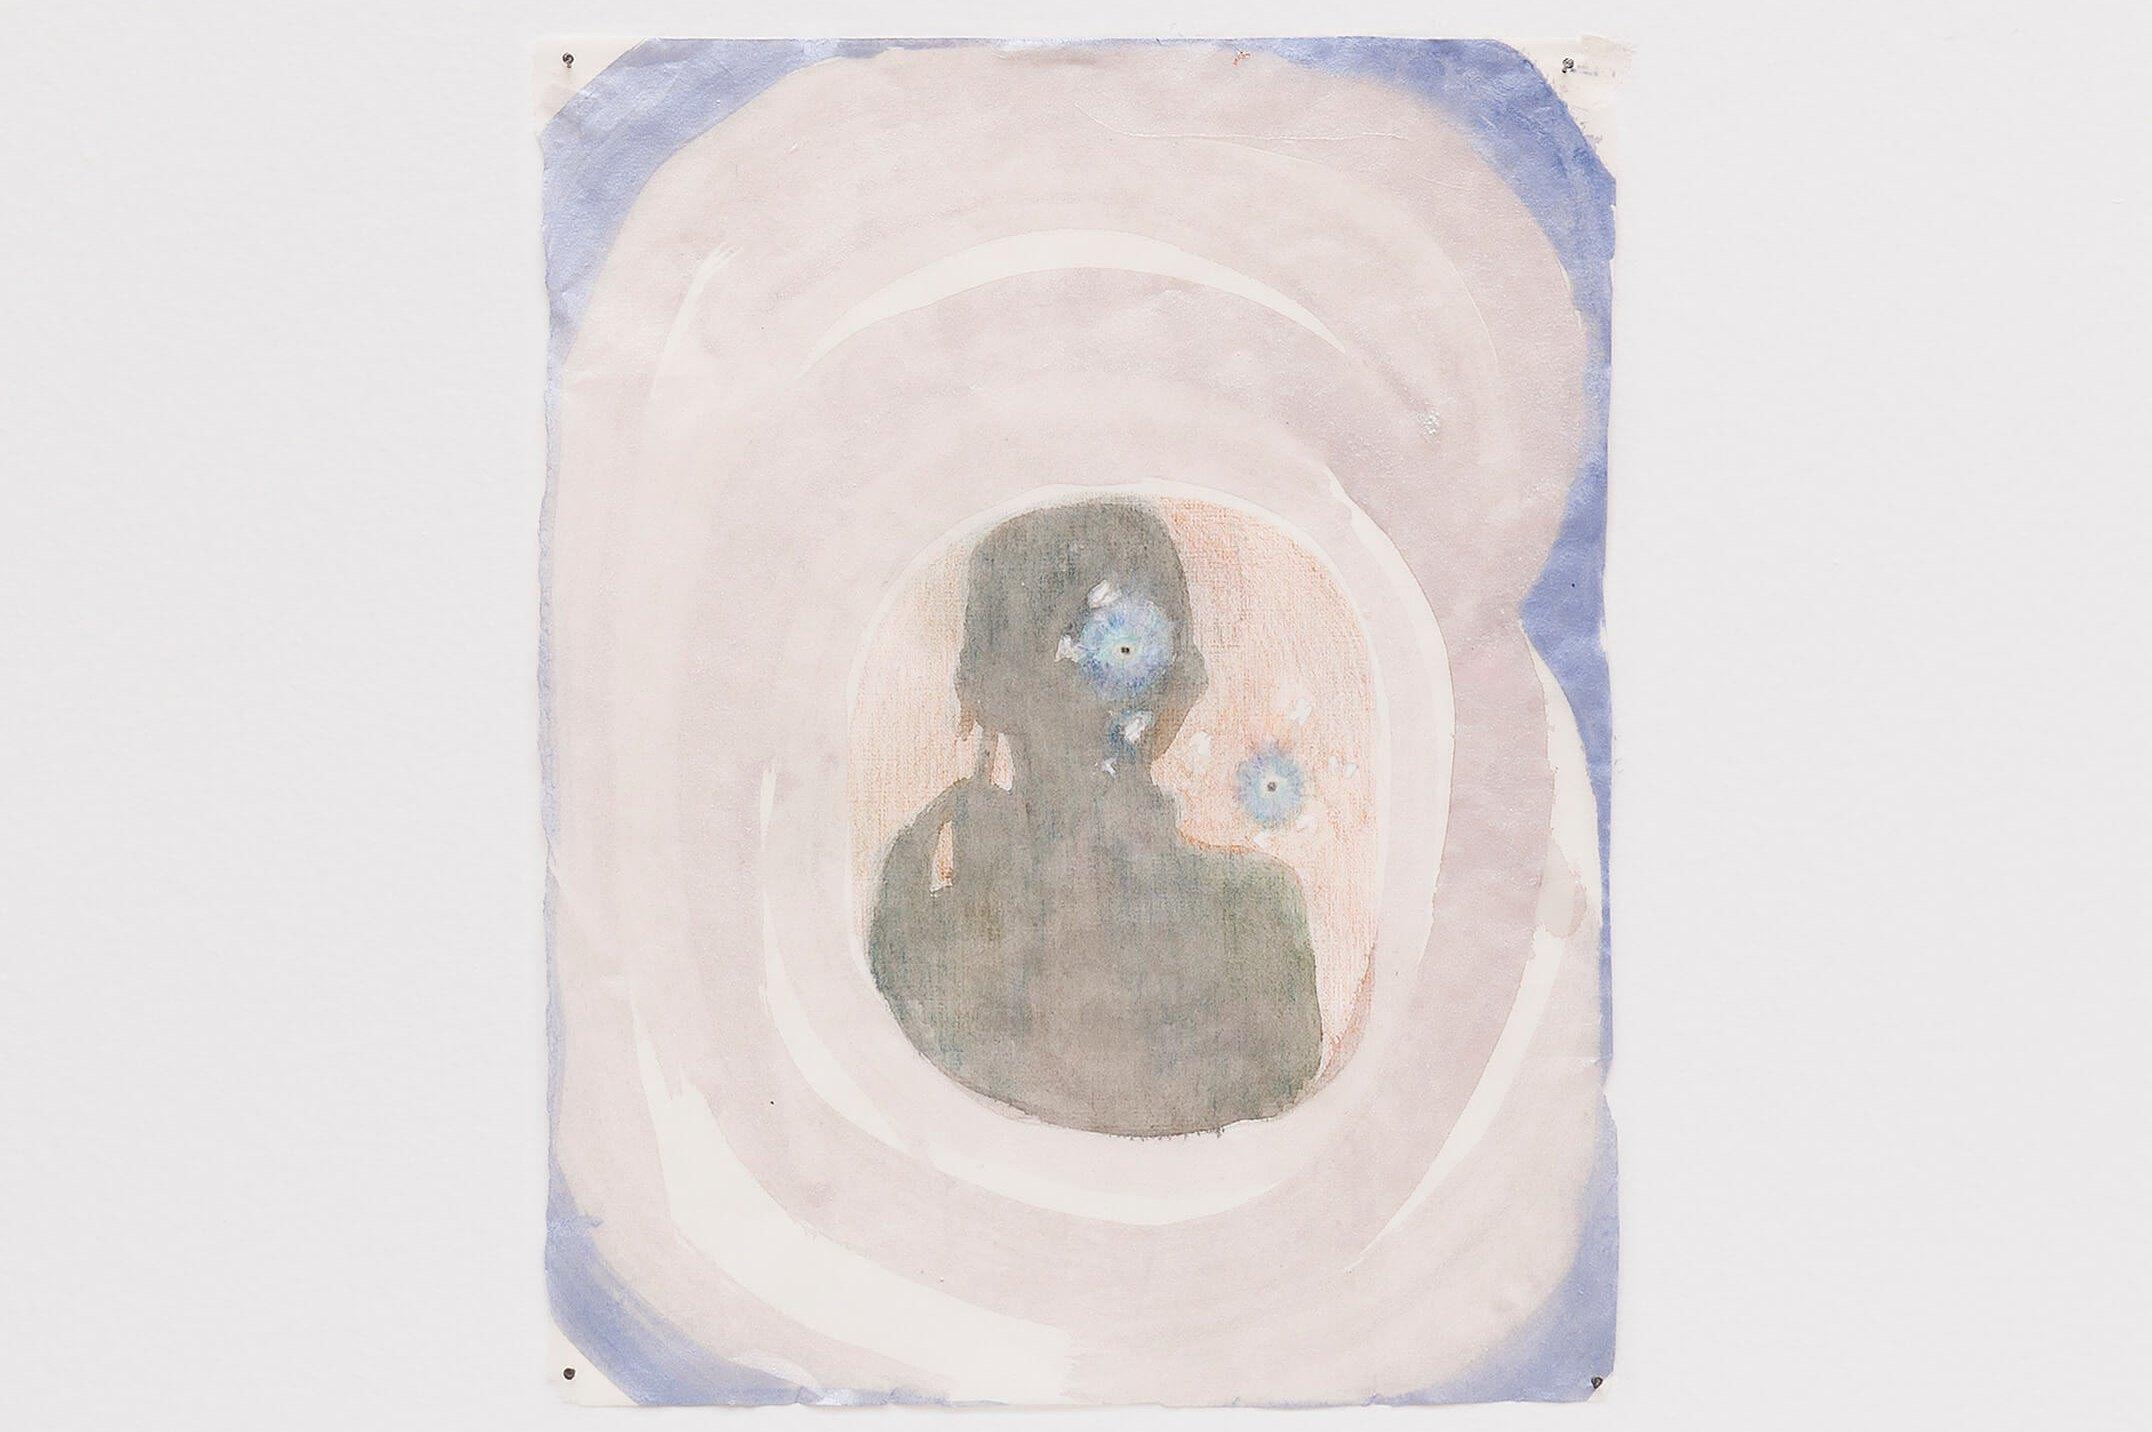 Marina Perez Simão,&nbsp;<em>untitled</em>,&nbsp;2015,&nbsp;color pencil, watercolor, acrylic and iridescent pigment on paper, 33,4 × 26,4&nbsp;cm - Mendes Wood DM